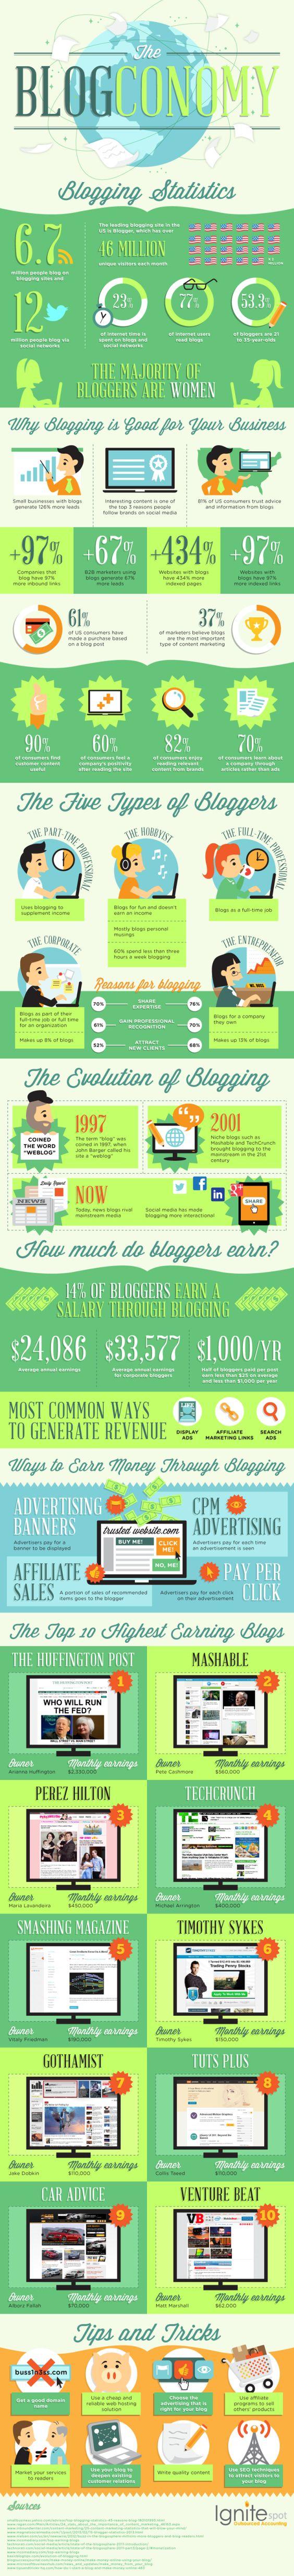 The blogconomy infographic 640x5604 The Blogconomy [infographic]